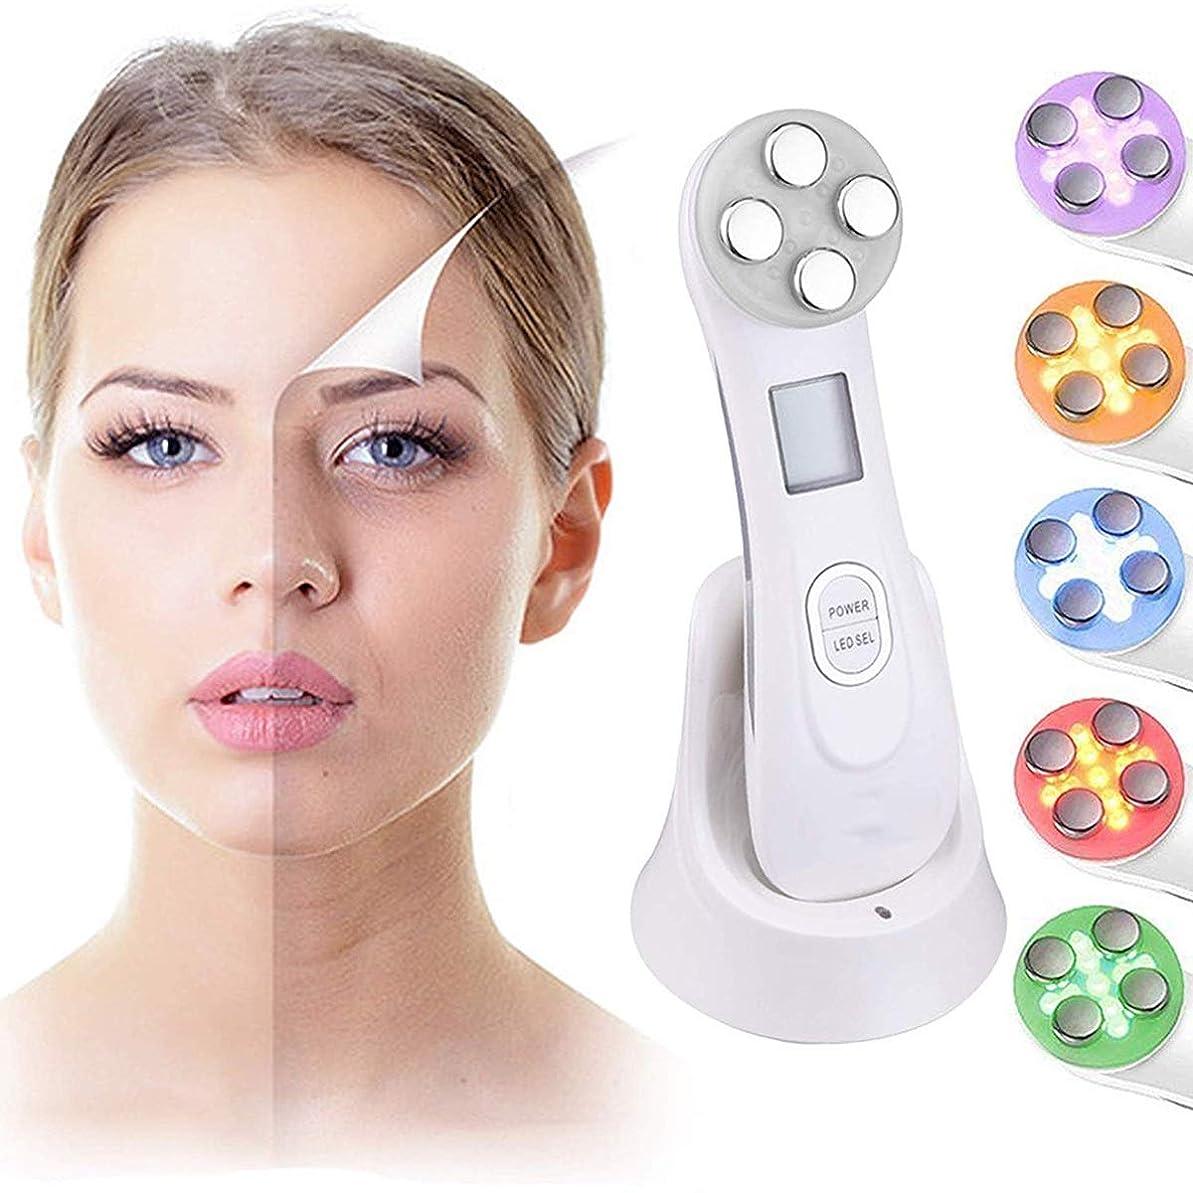 繊維呼吸排気フェイスマスター 美の器械LEDライト療法のしわは顔の機械、表面のためのスキンケアの美機械をきつく締める反老化のアクネの皮の若返りの皮を取除きます 楽器を美しく